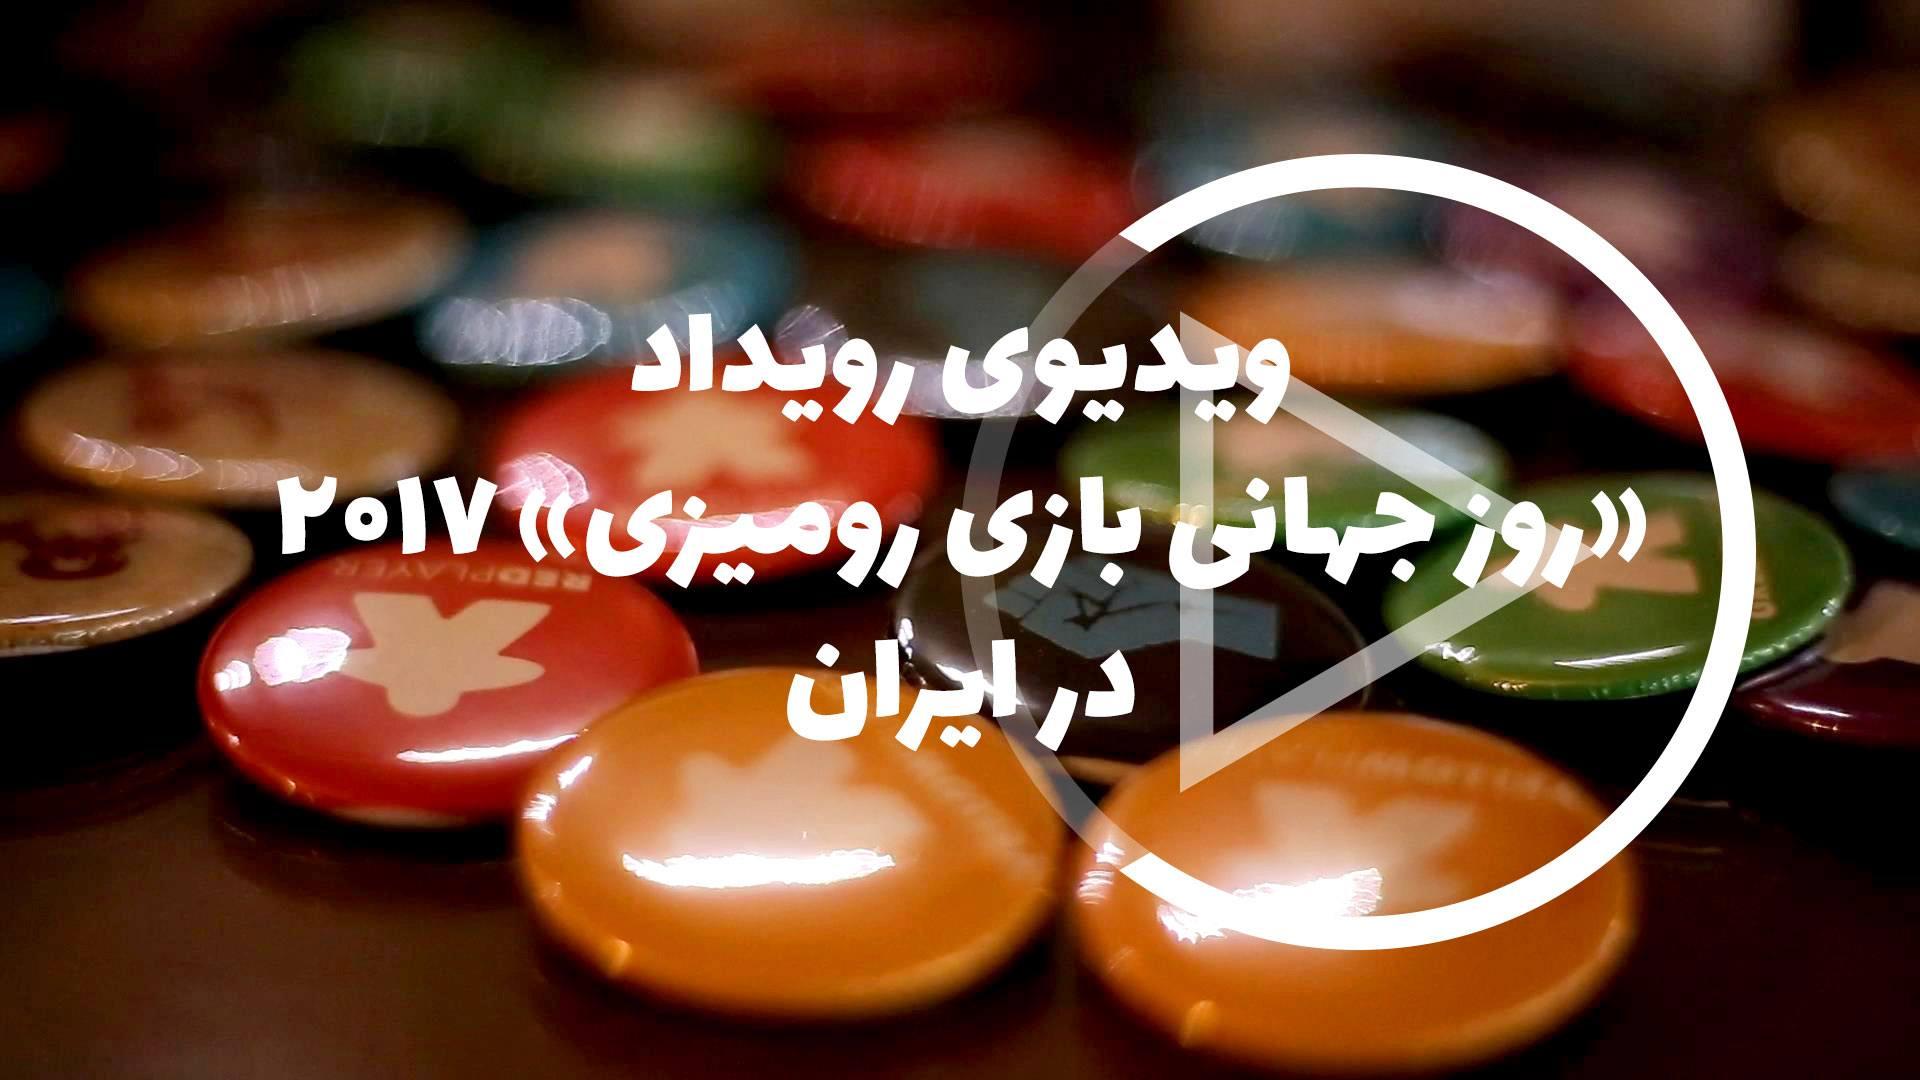 رویداد روز جهانی بازی رومیزی در ایران